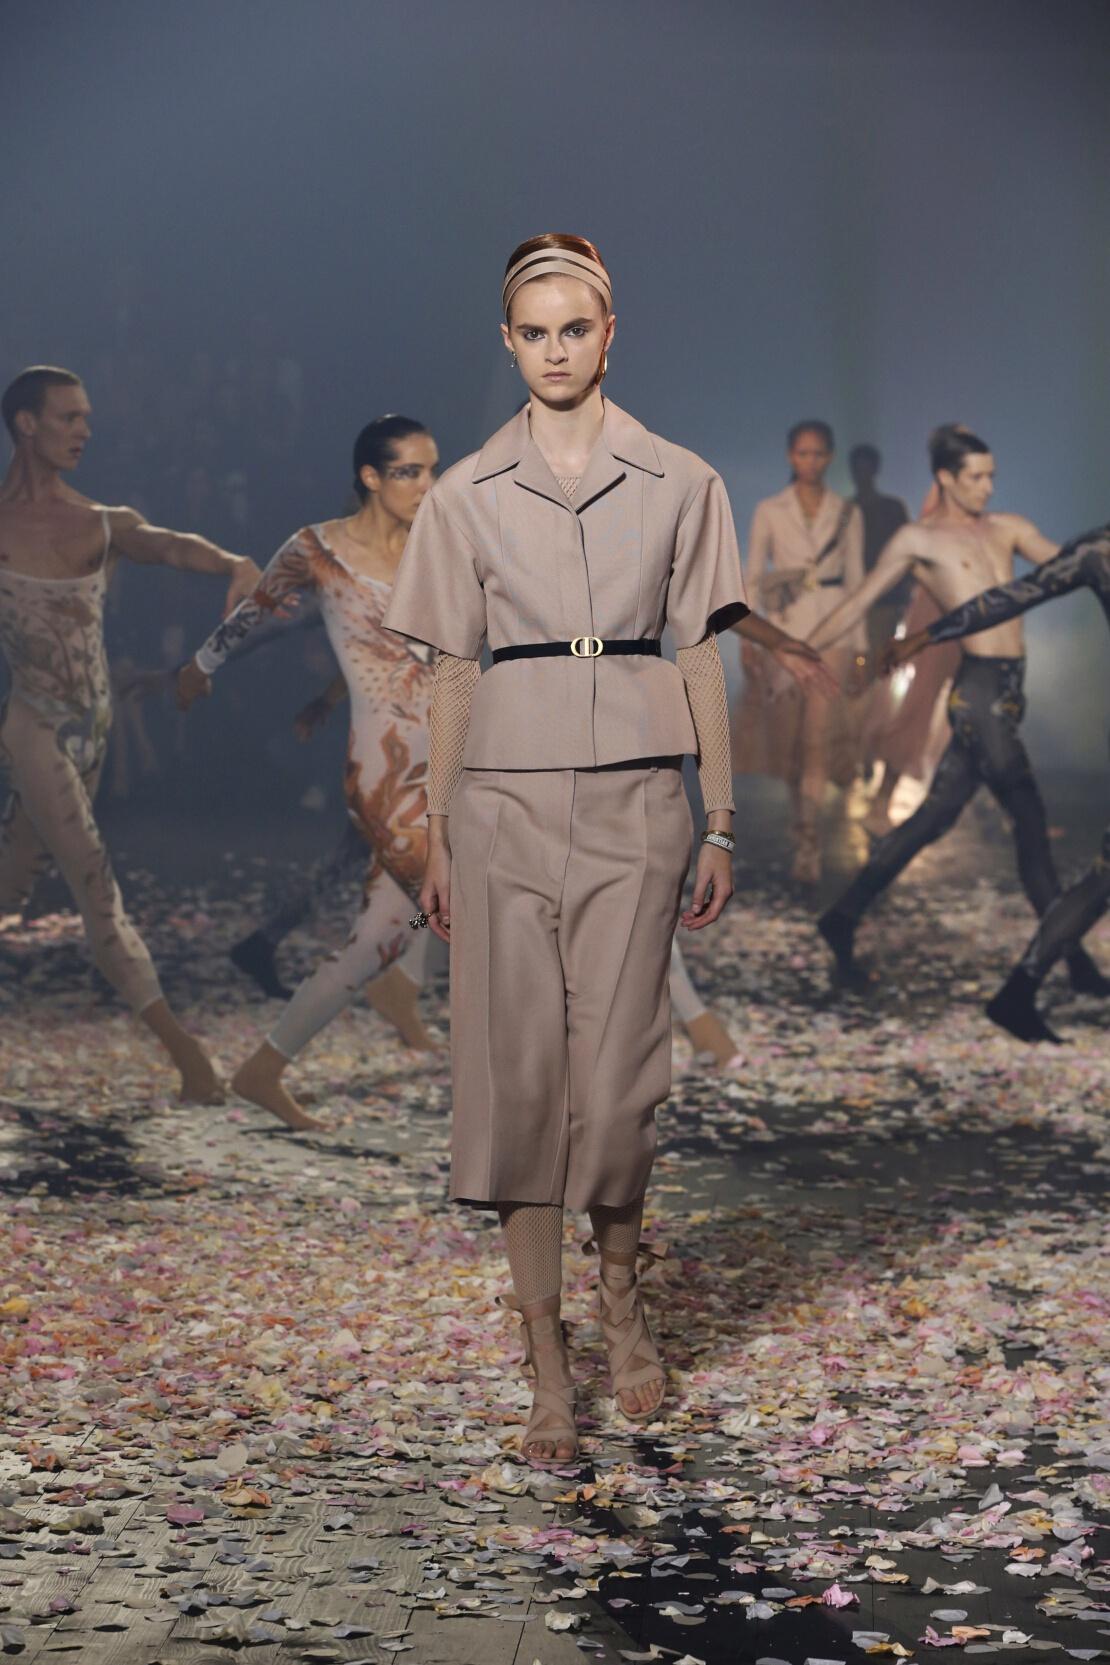 Transparences mode chez Christian Dior P/E 2019